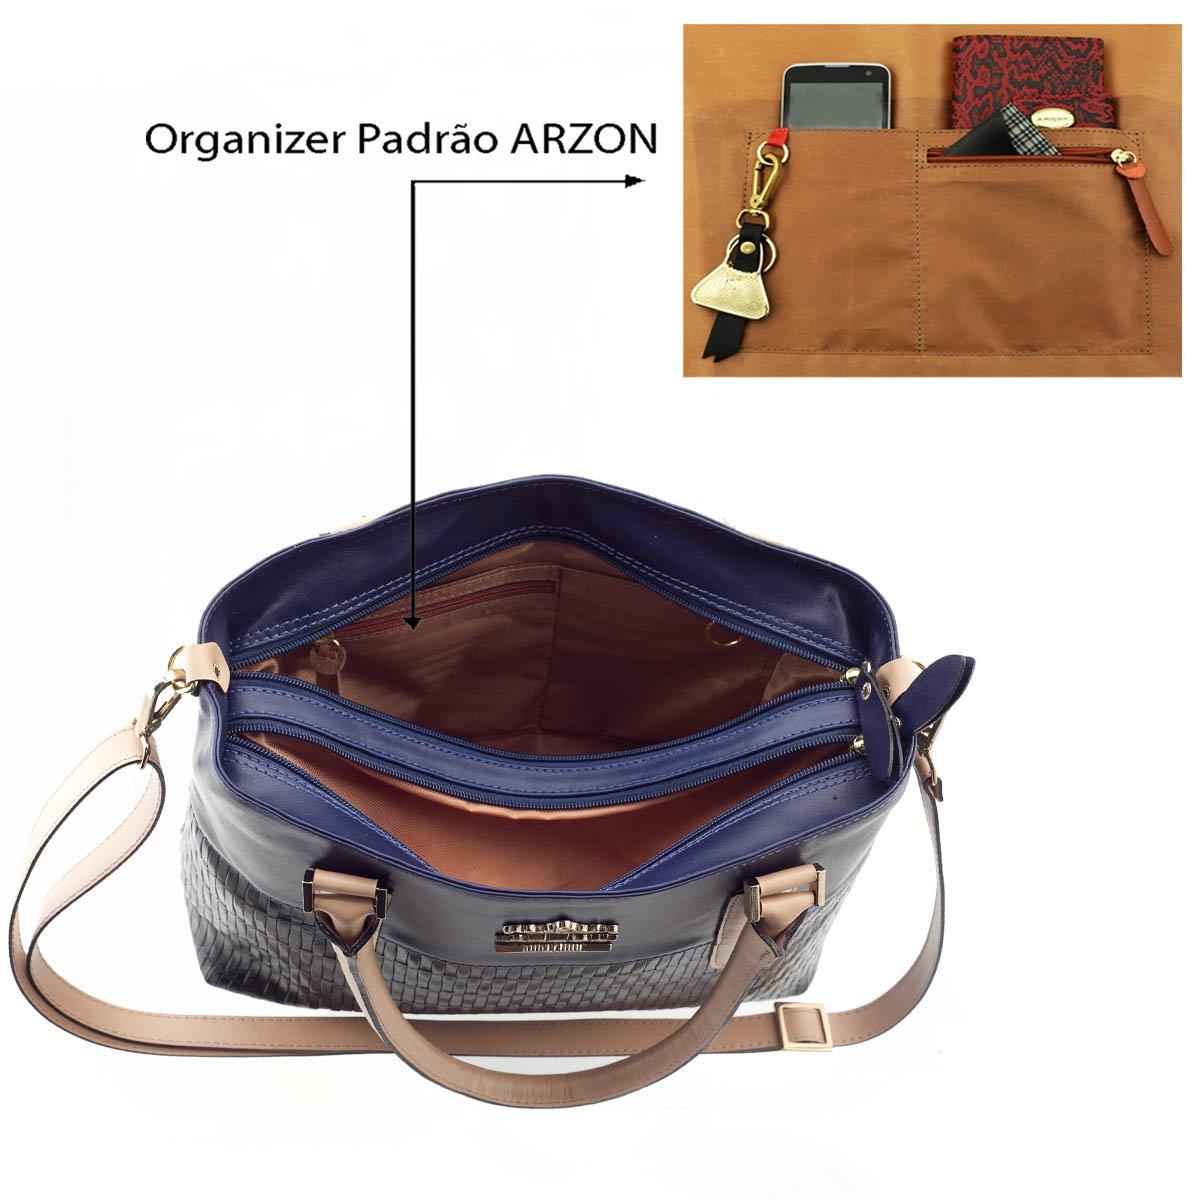 Bolsa de Couro Legítimo ARZON Preto com Azul Marinho